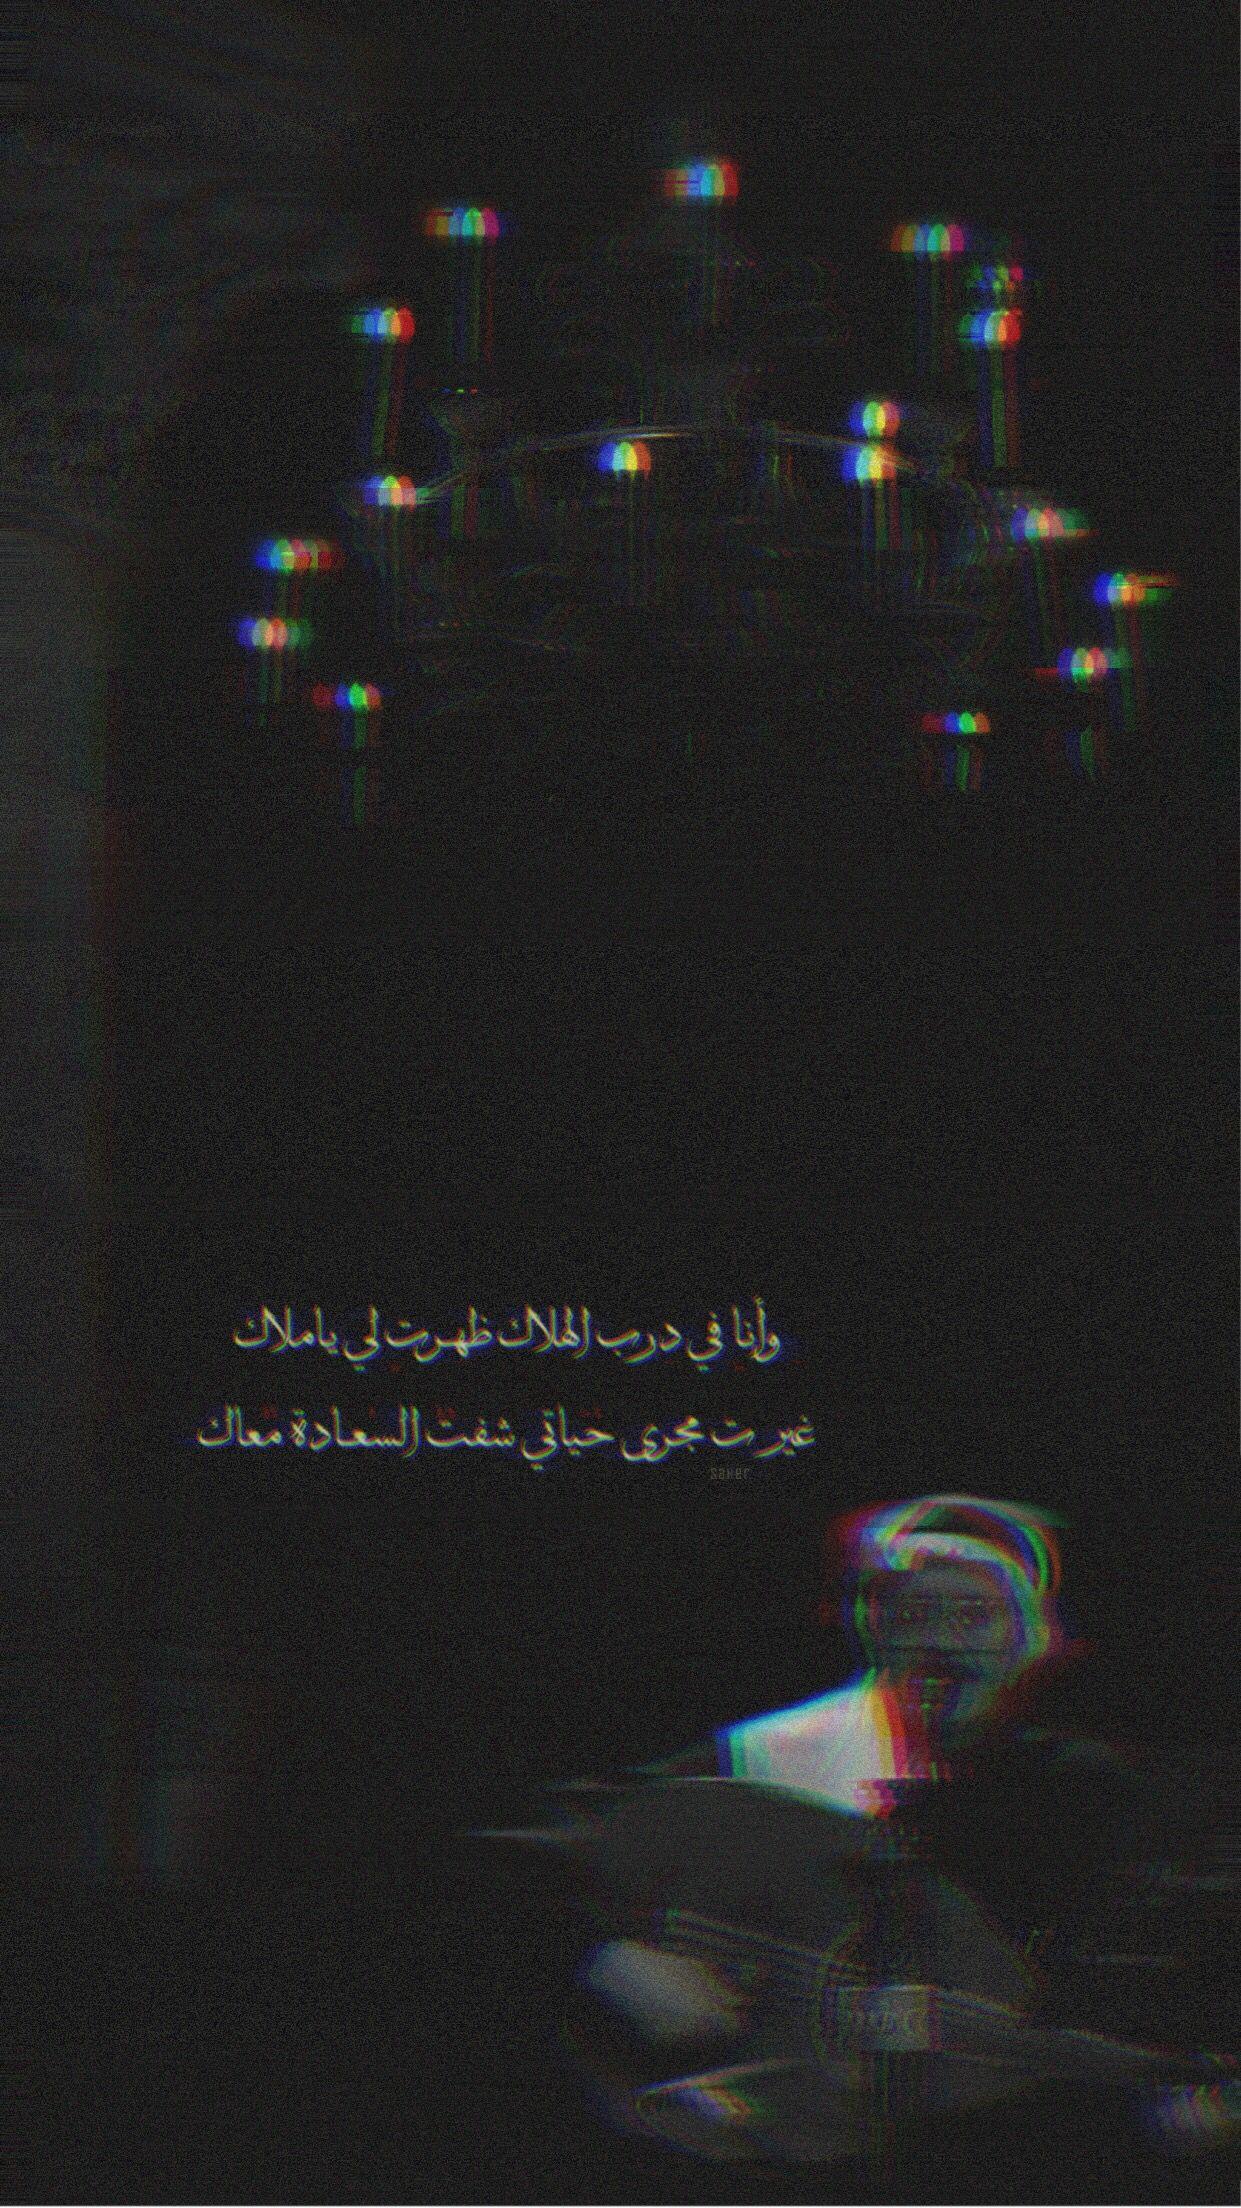 طلال مداح في درب الهلاك Popart Art Poster Movie Posters